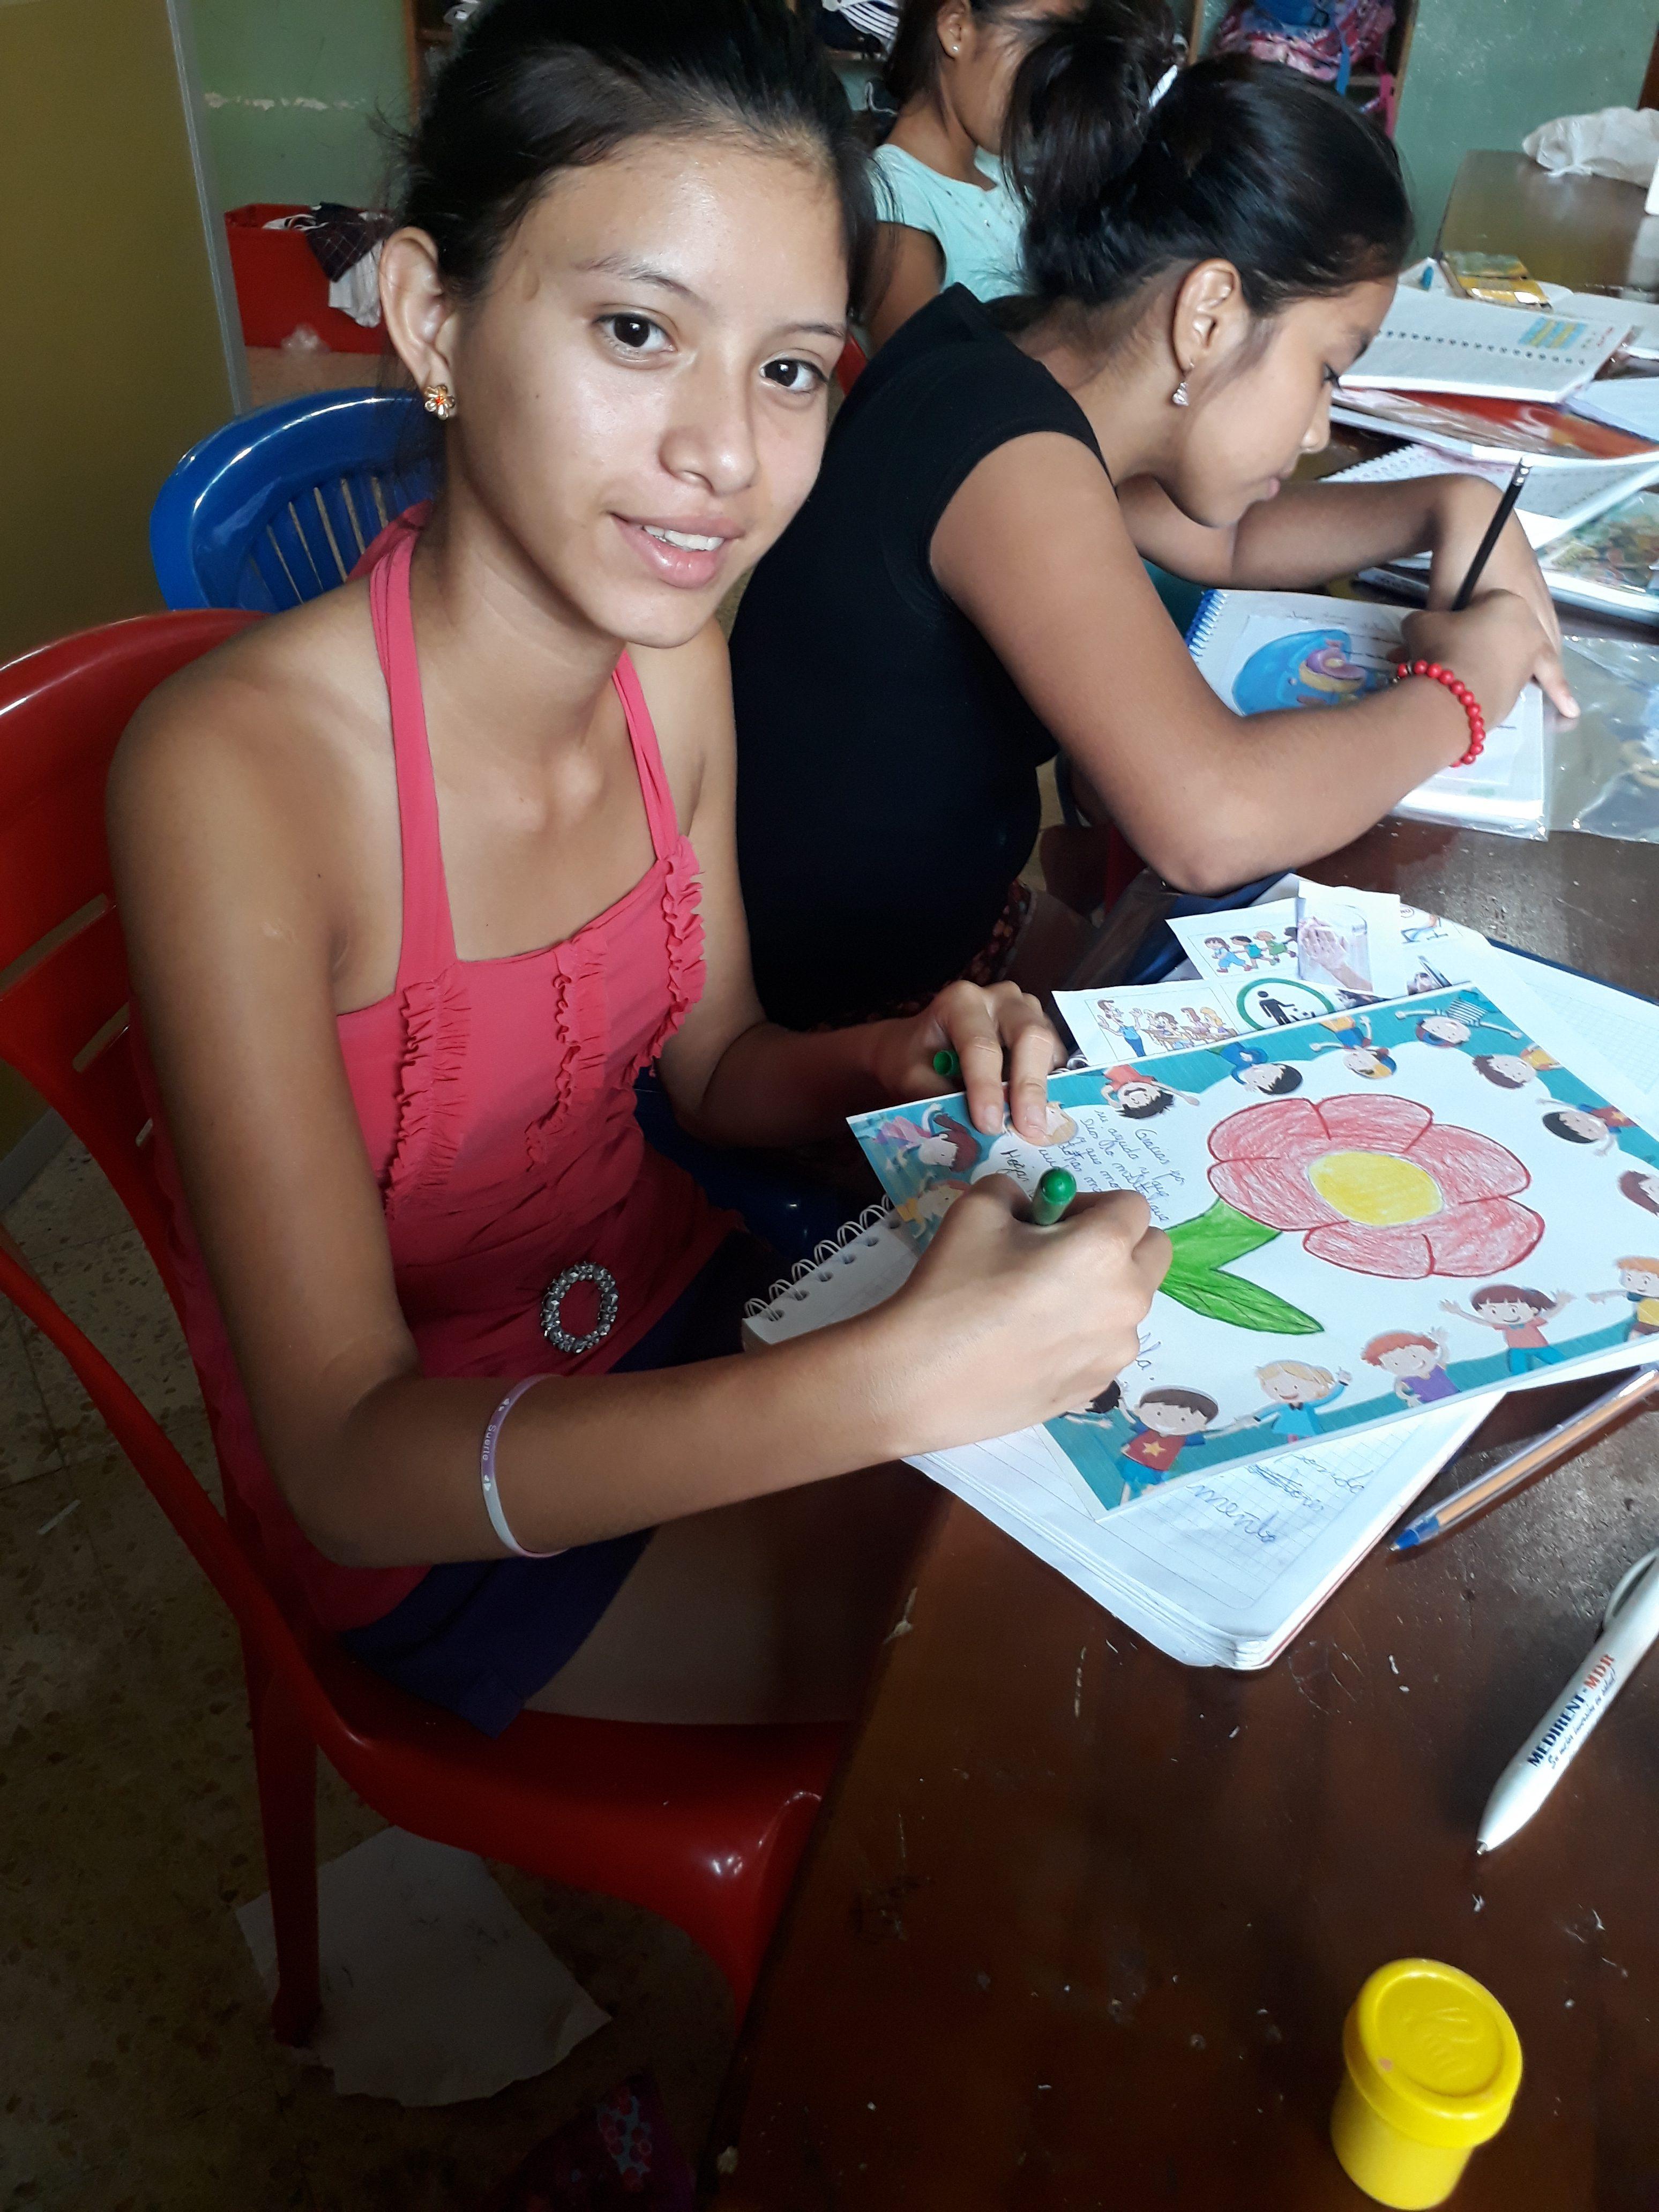 Ein Mädchen beim Malen